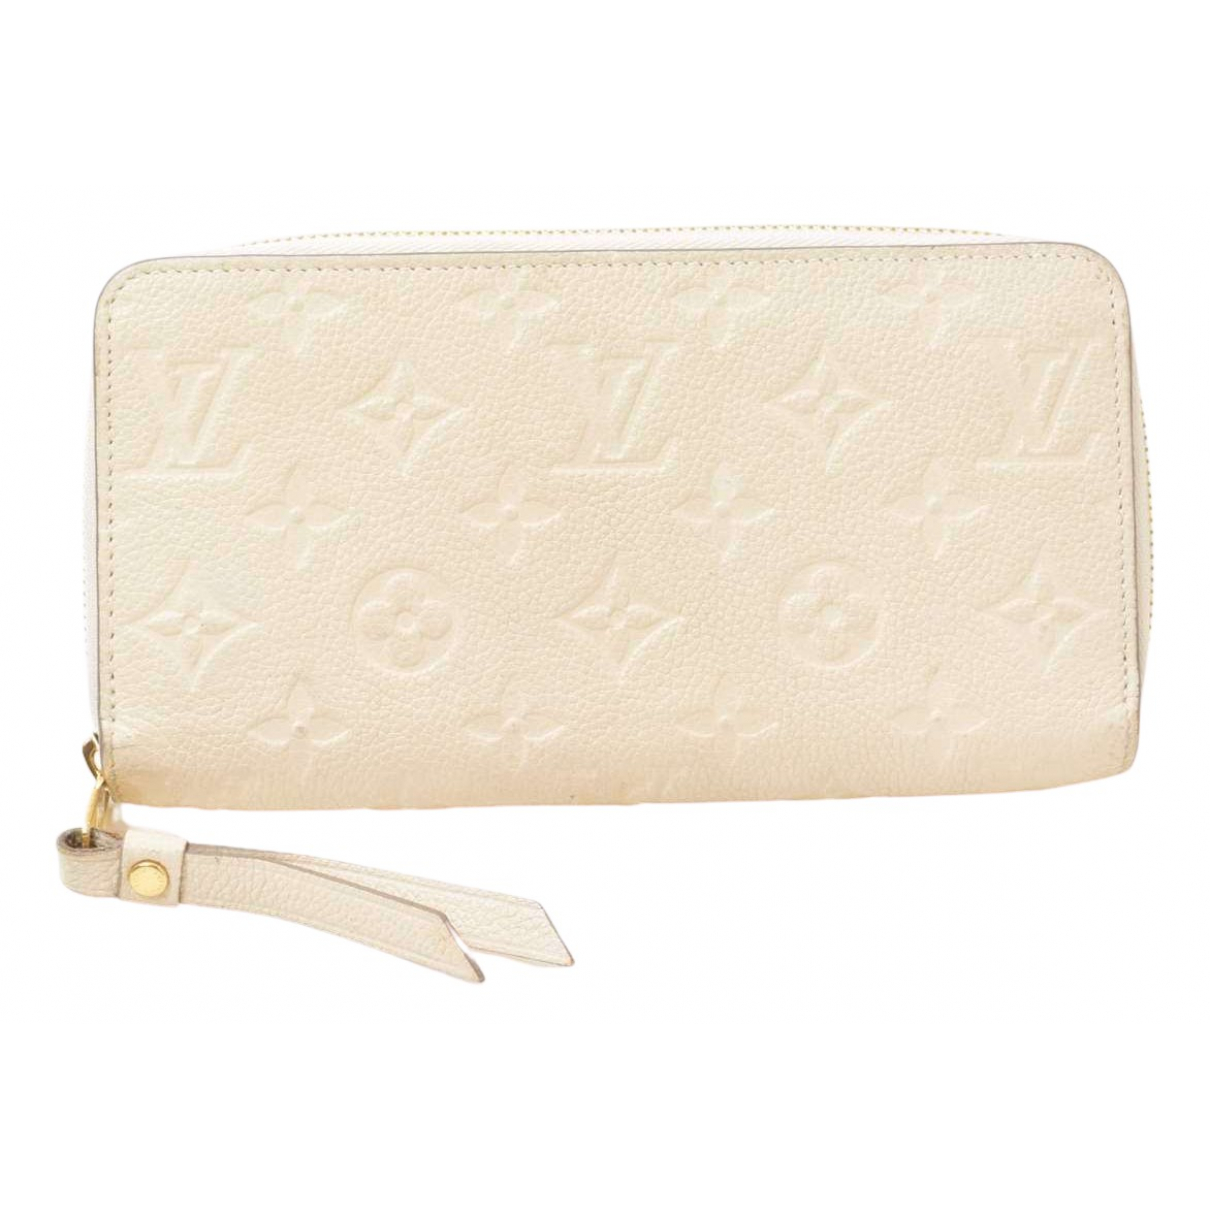 Louis Vuitton - Portefeuille Zippy pour femme en cuir - blanc